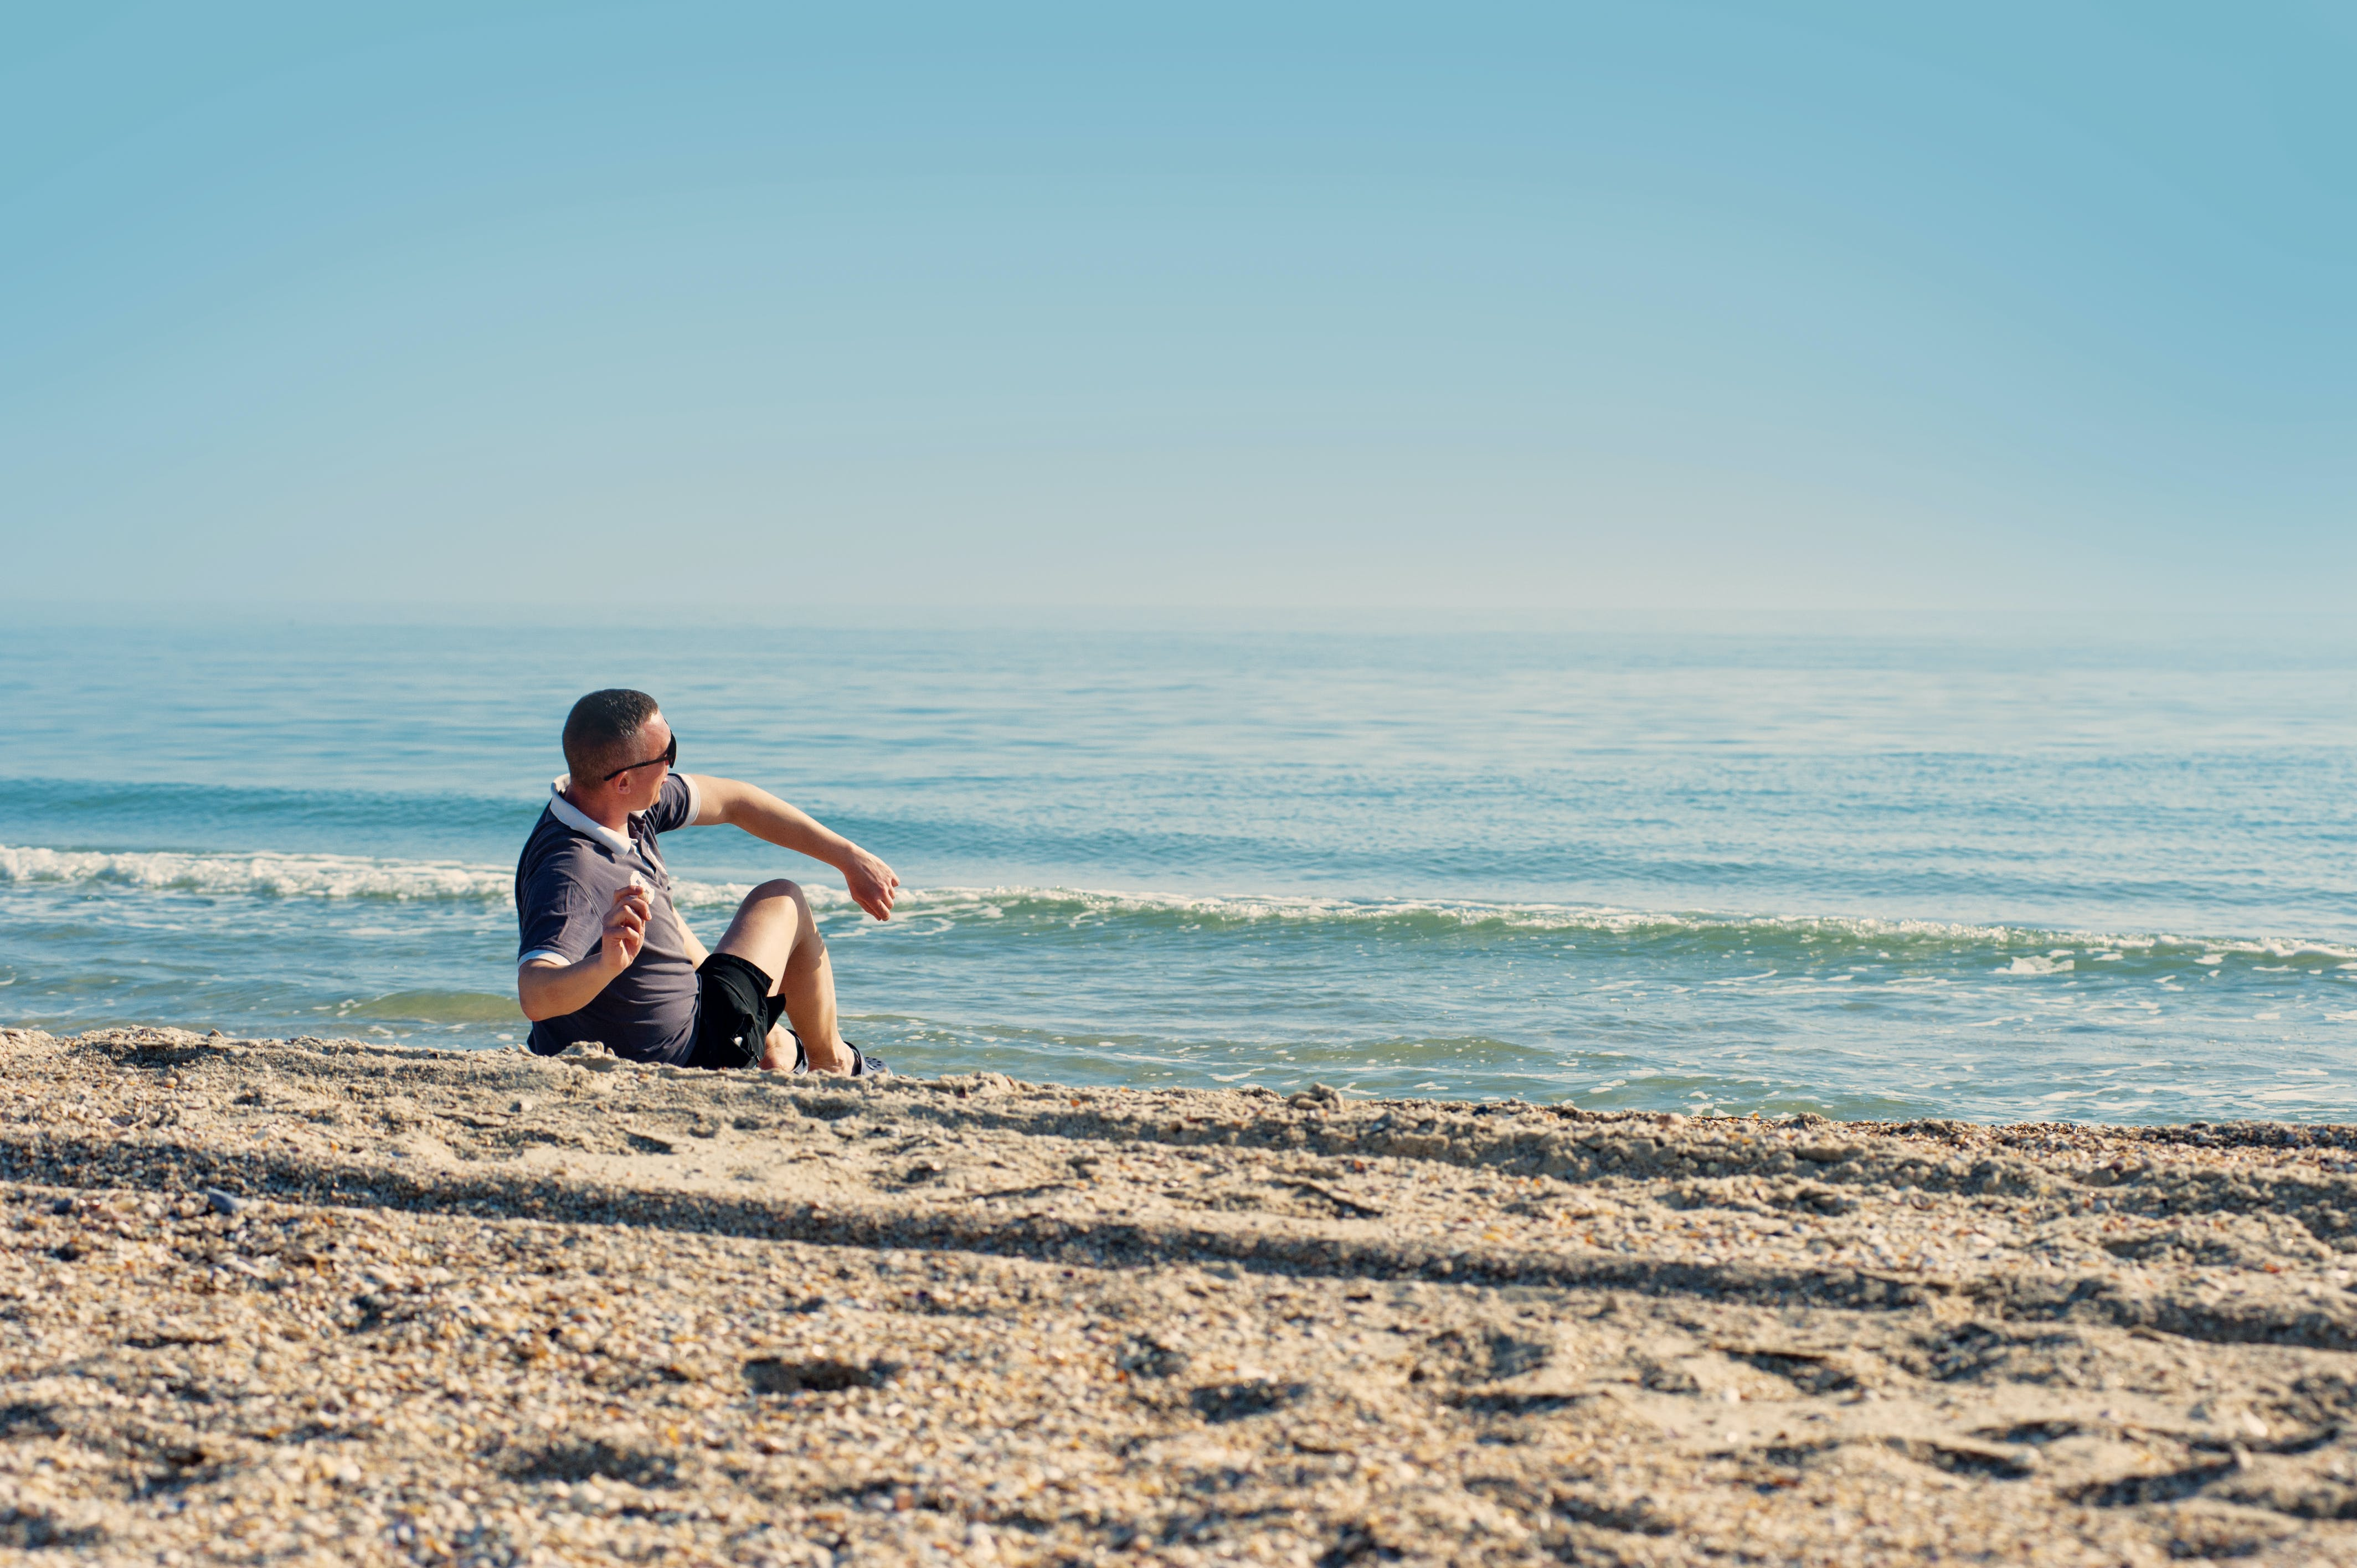 alone, beach, boy